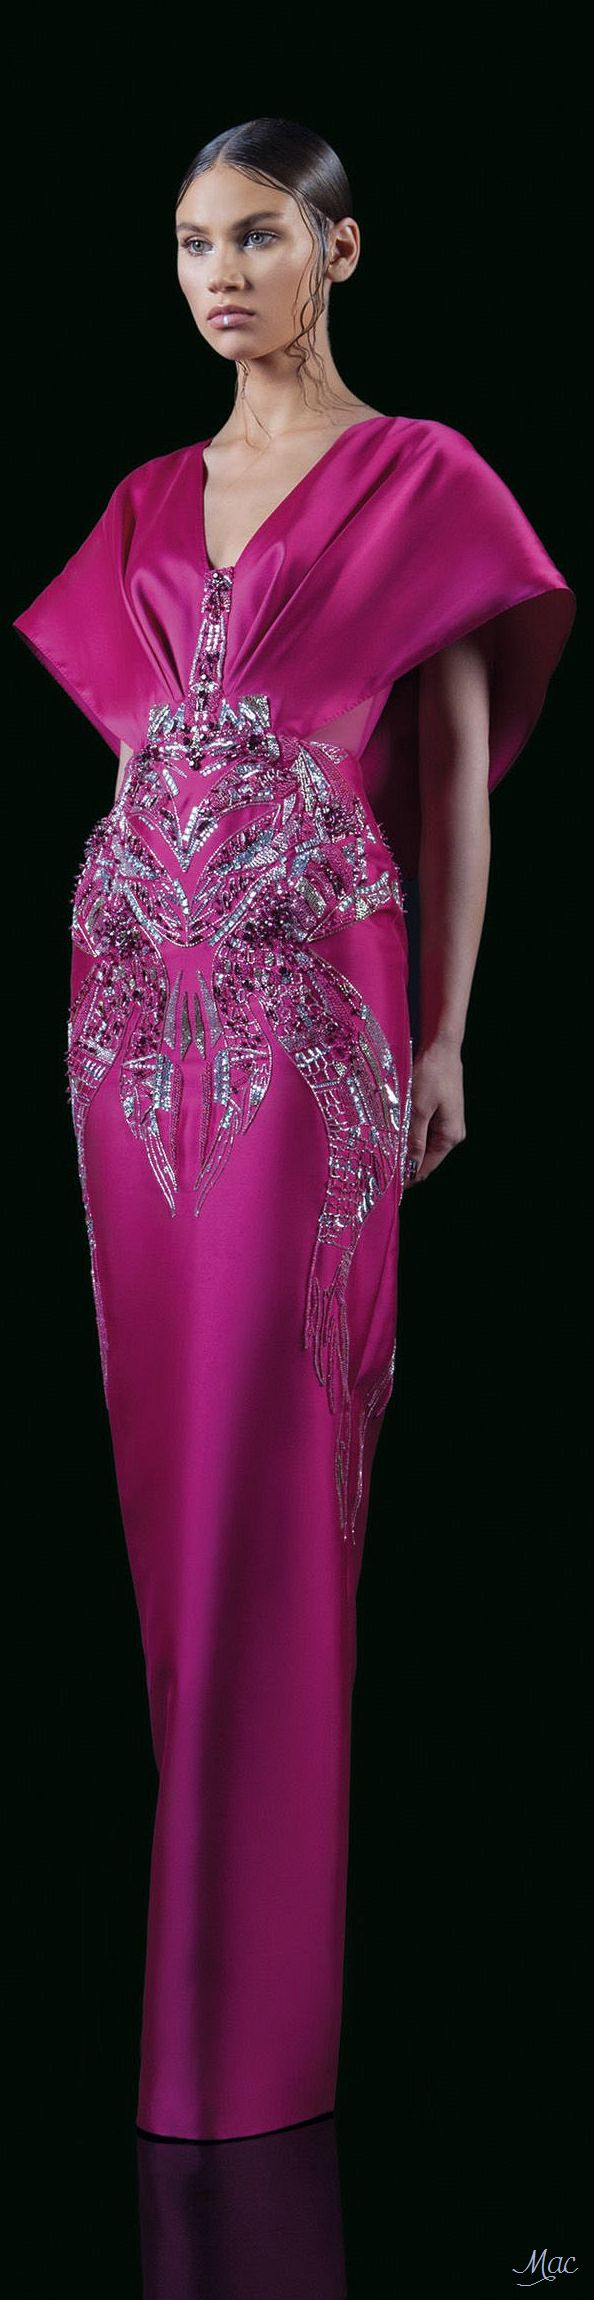 Fall 2017 Haute Couture Basil Soda